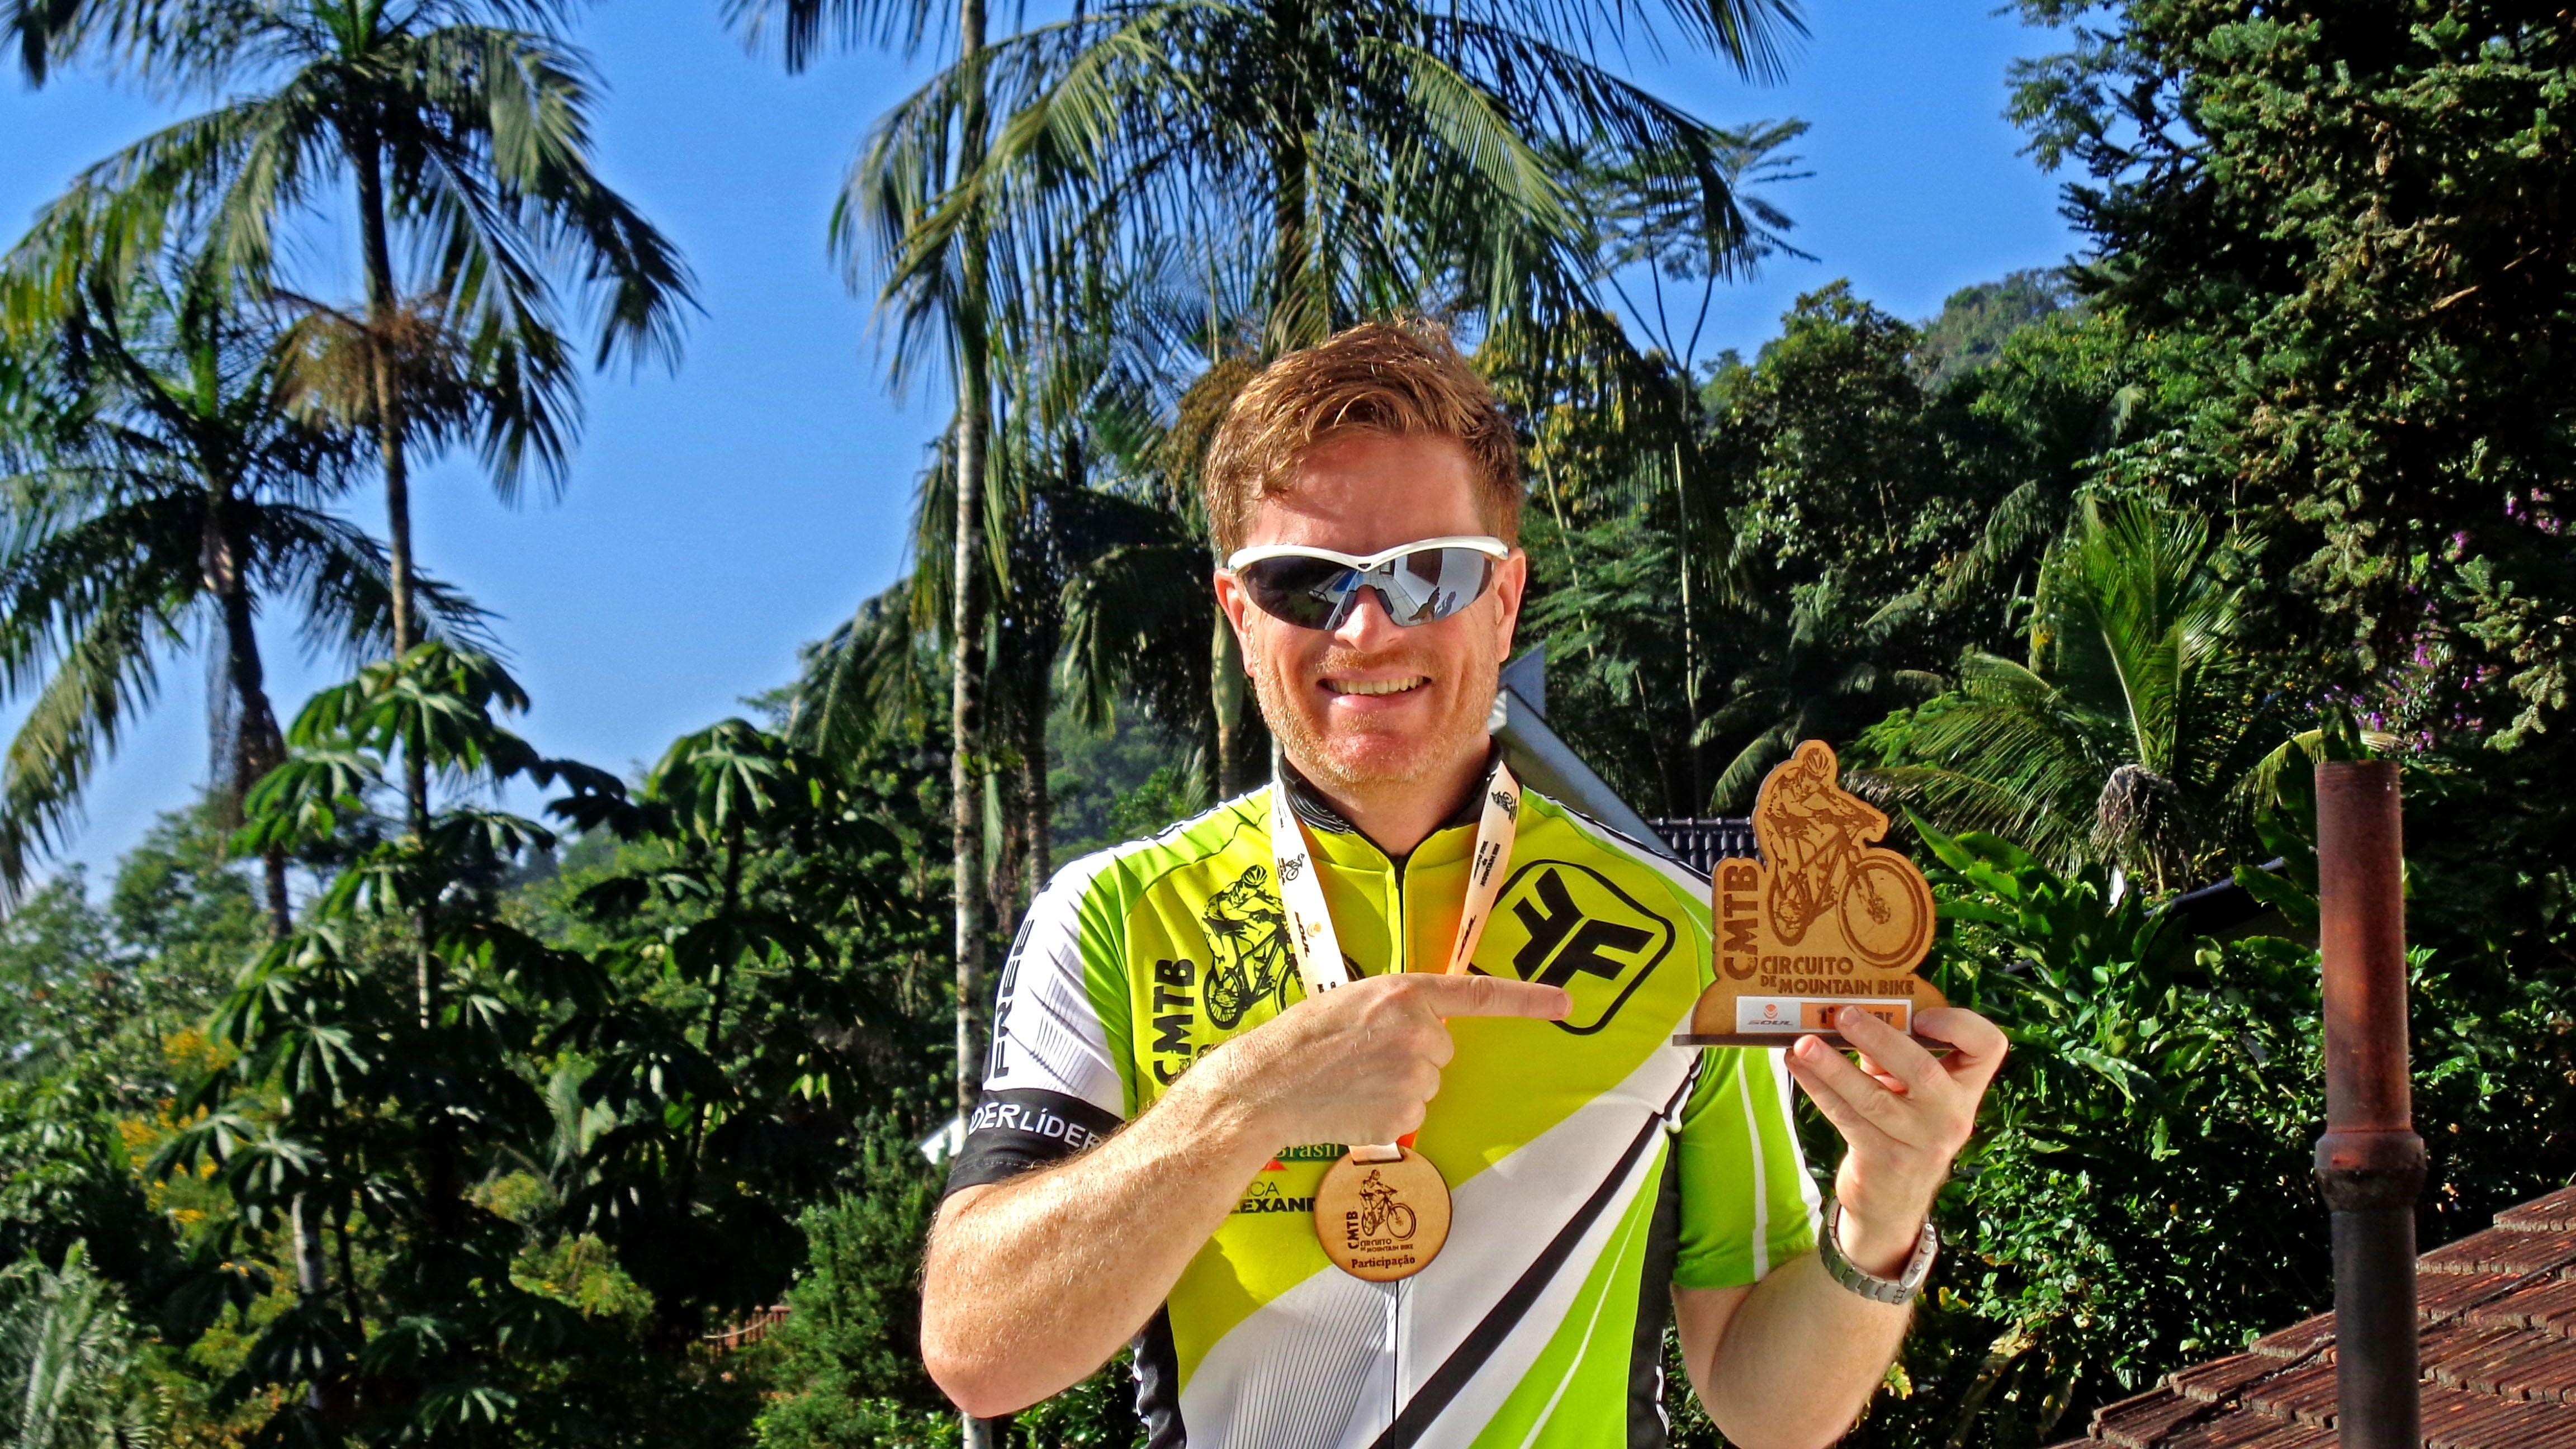 Circuito Xco : Circuito soul de mountainbike oggi oggibikes xco xcm fitness